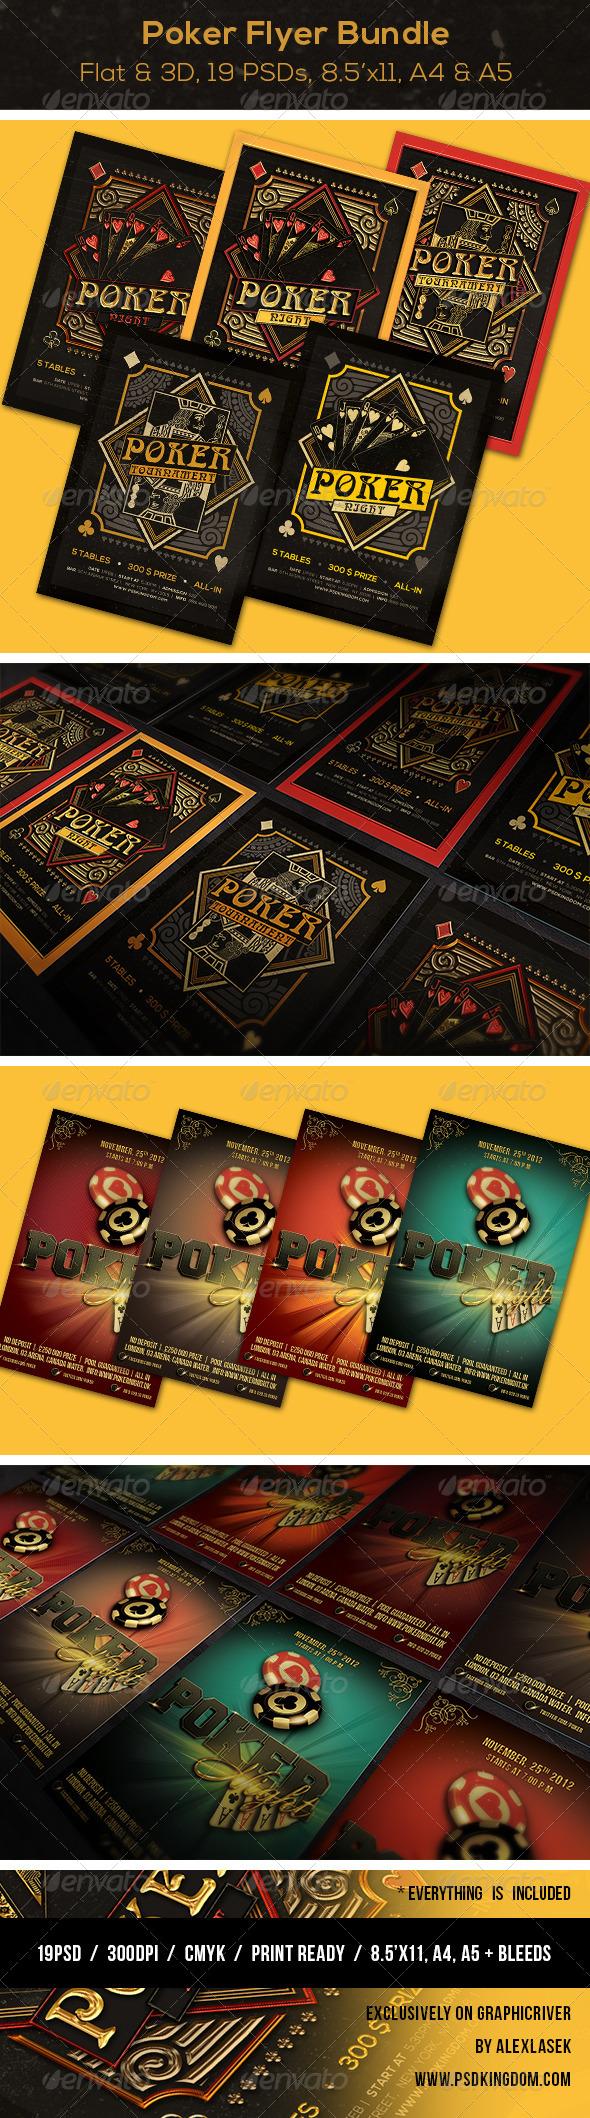 BUNDLE Poker Magazine Ad Poster or Flyer 19 PSDs